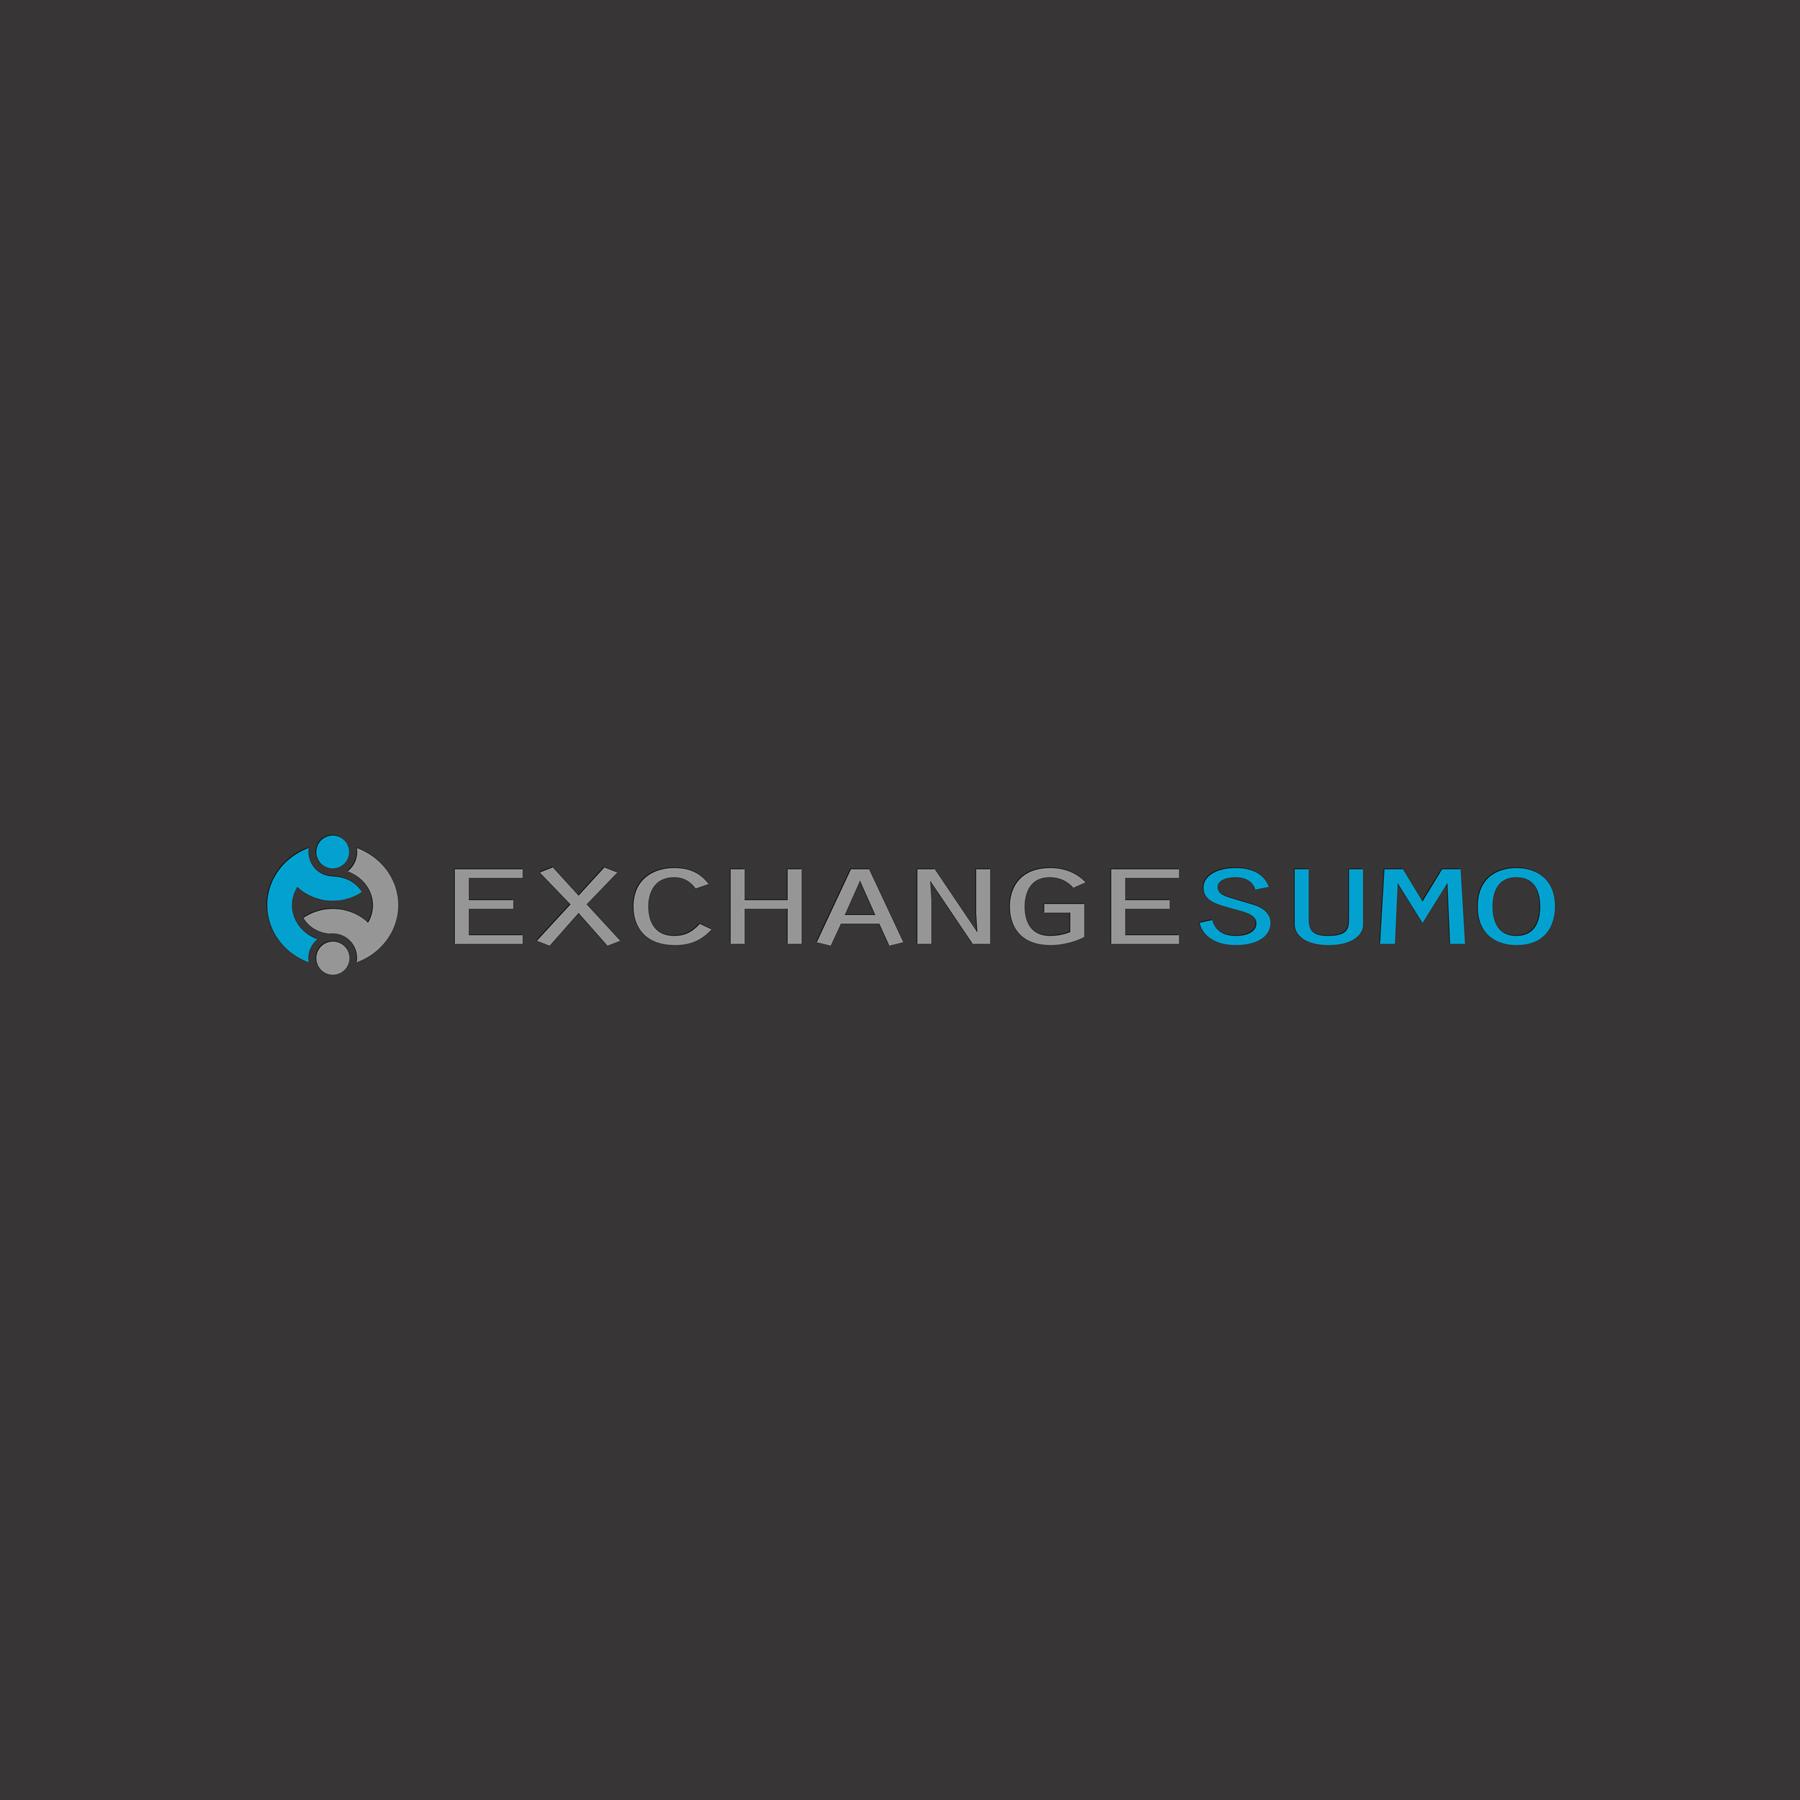 Логотип для мониторинга обменников фото f_8425babbb983deff.jpg